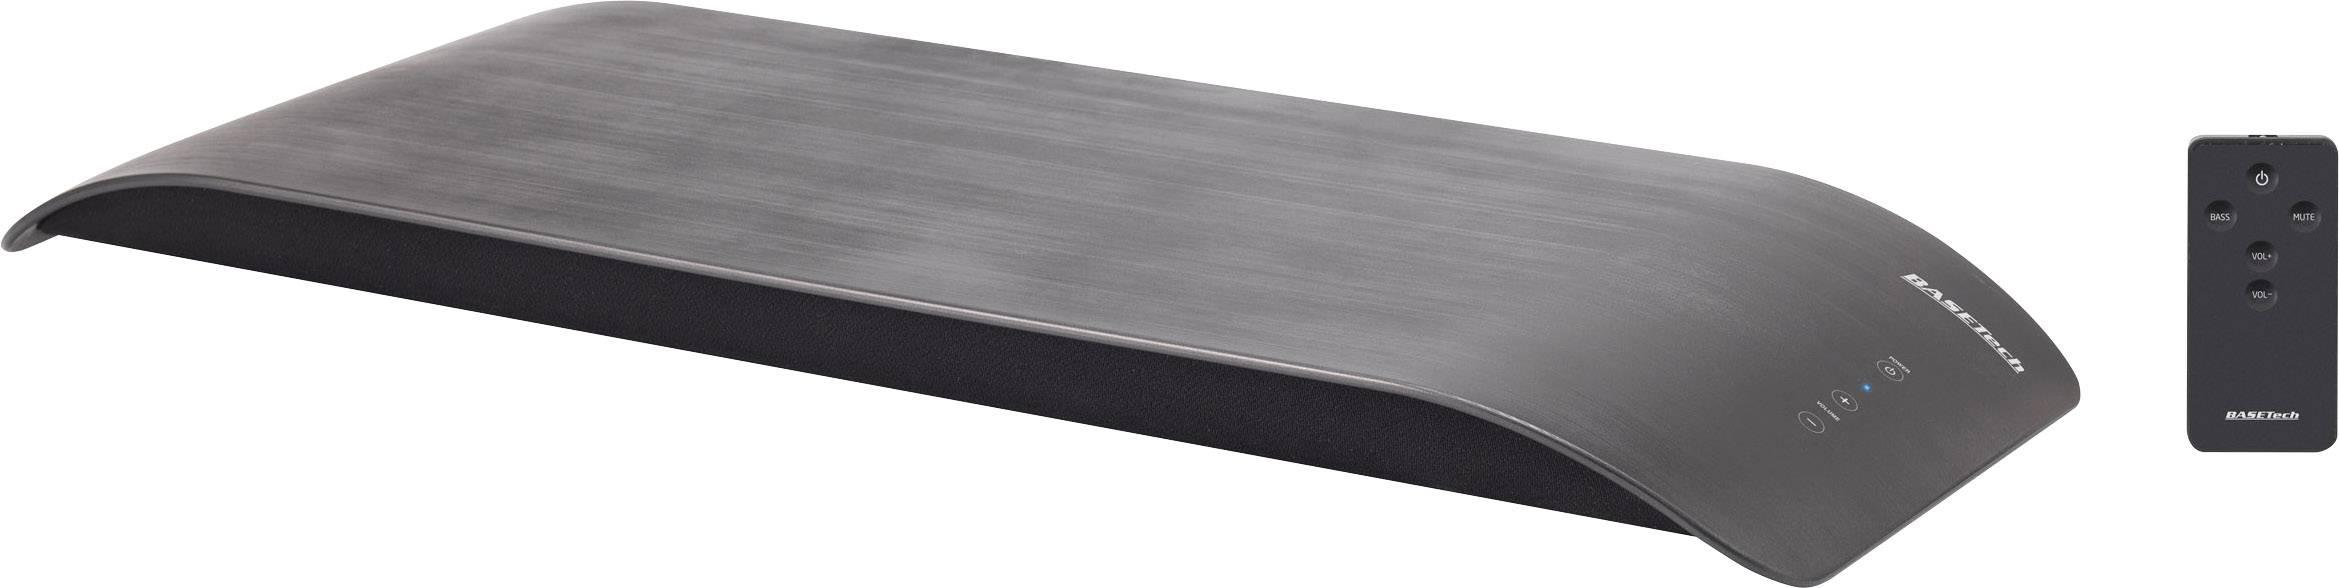 Ultraplochý Soundbase pod TV nebo PC Basetech SB32 černá